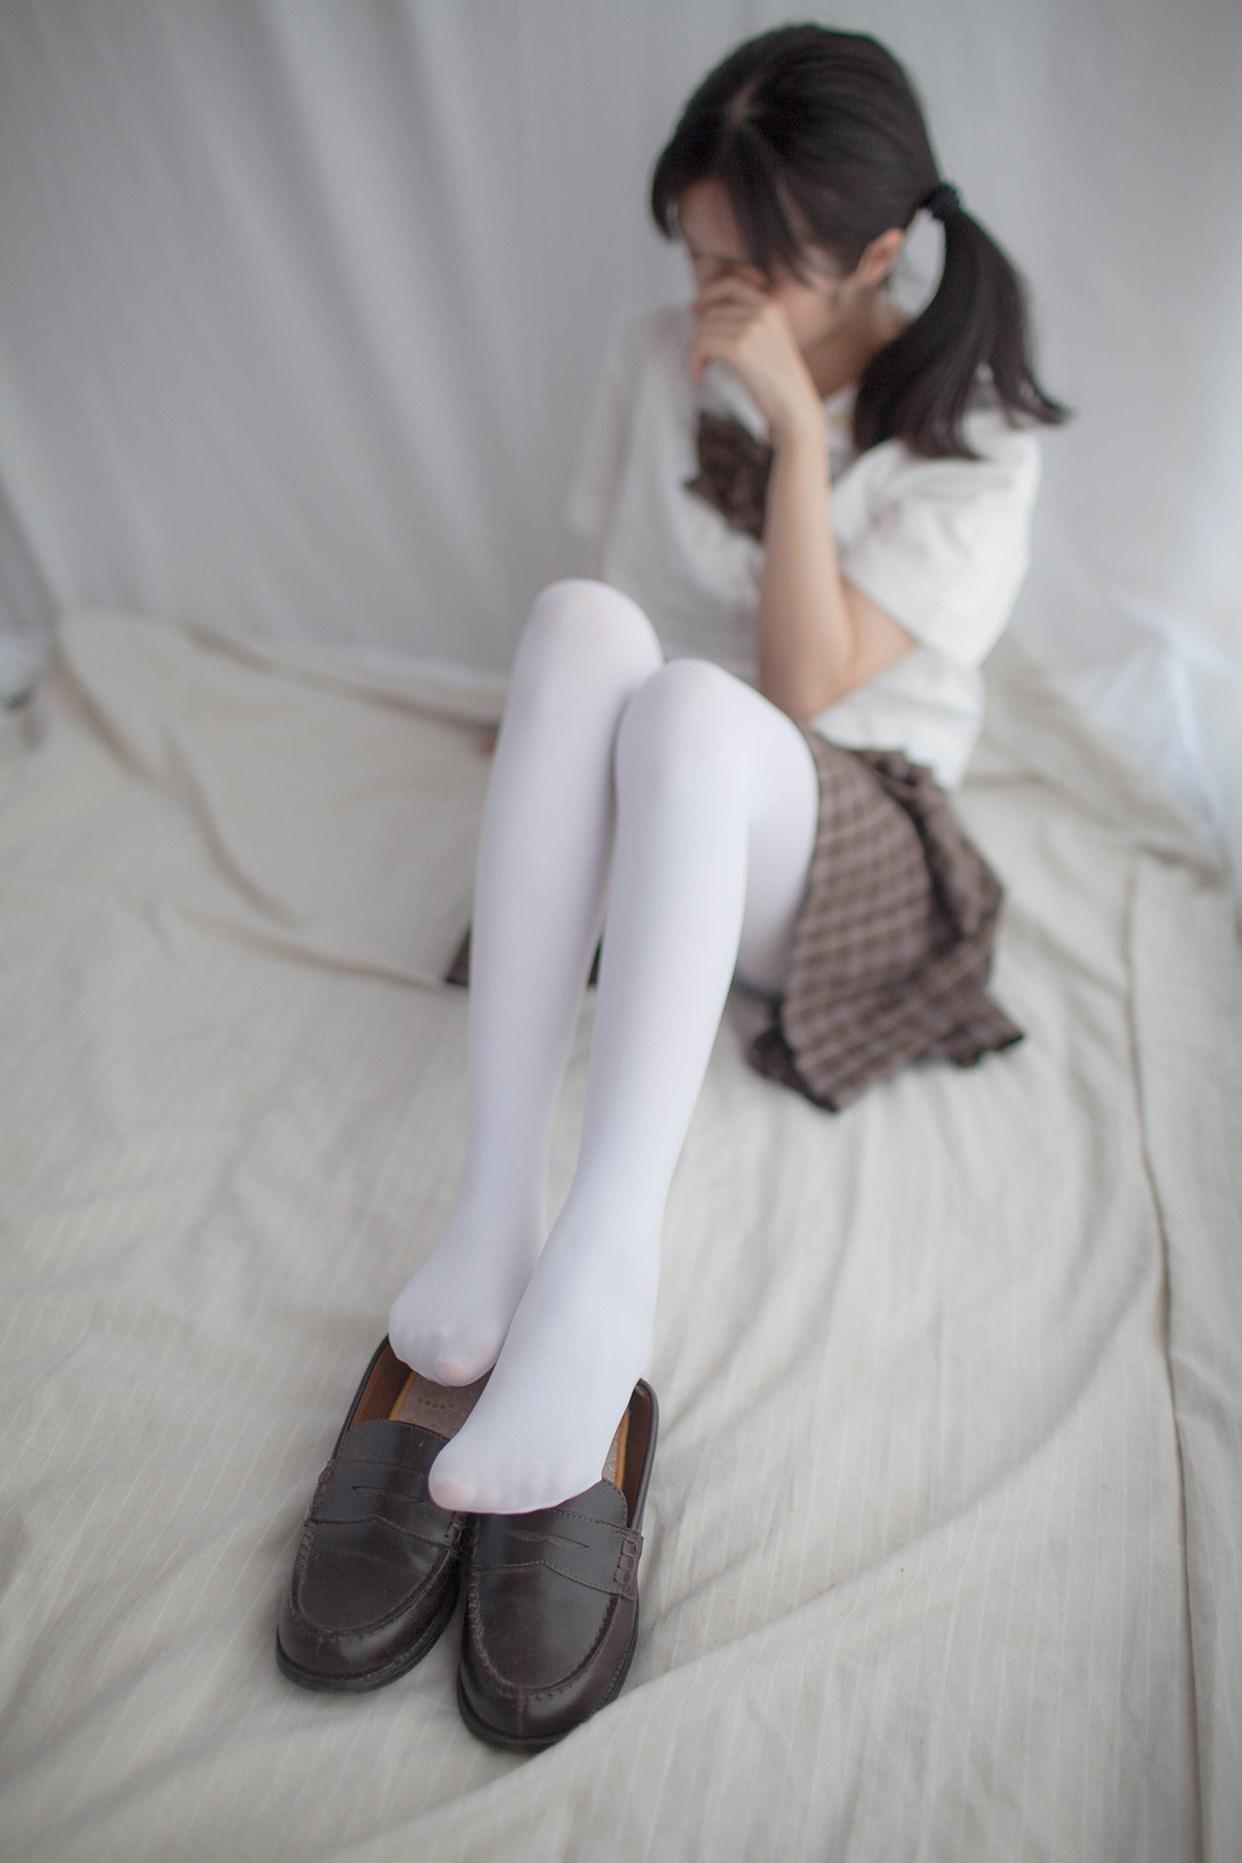 【兔玩映画】白丝少女 兔玩映画 第47张